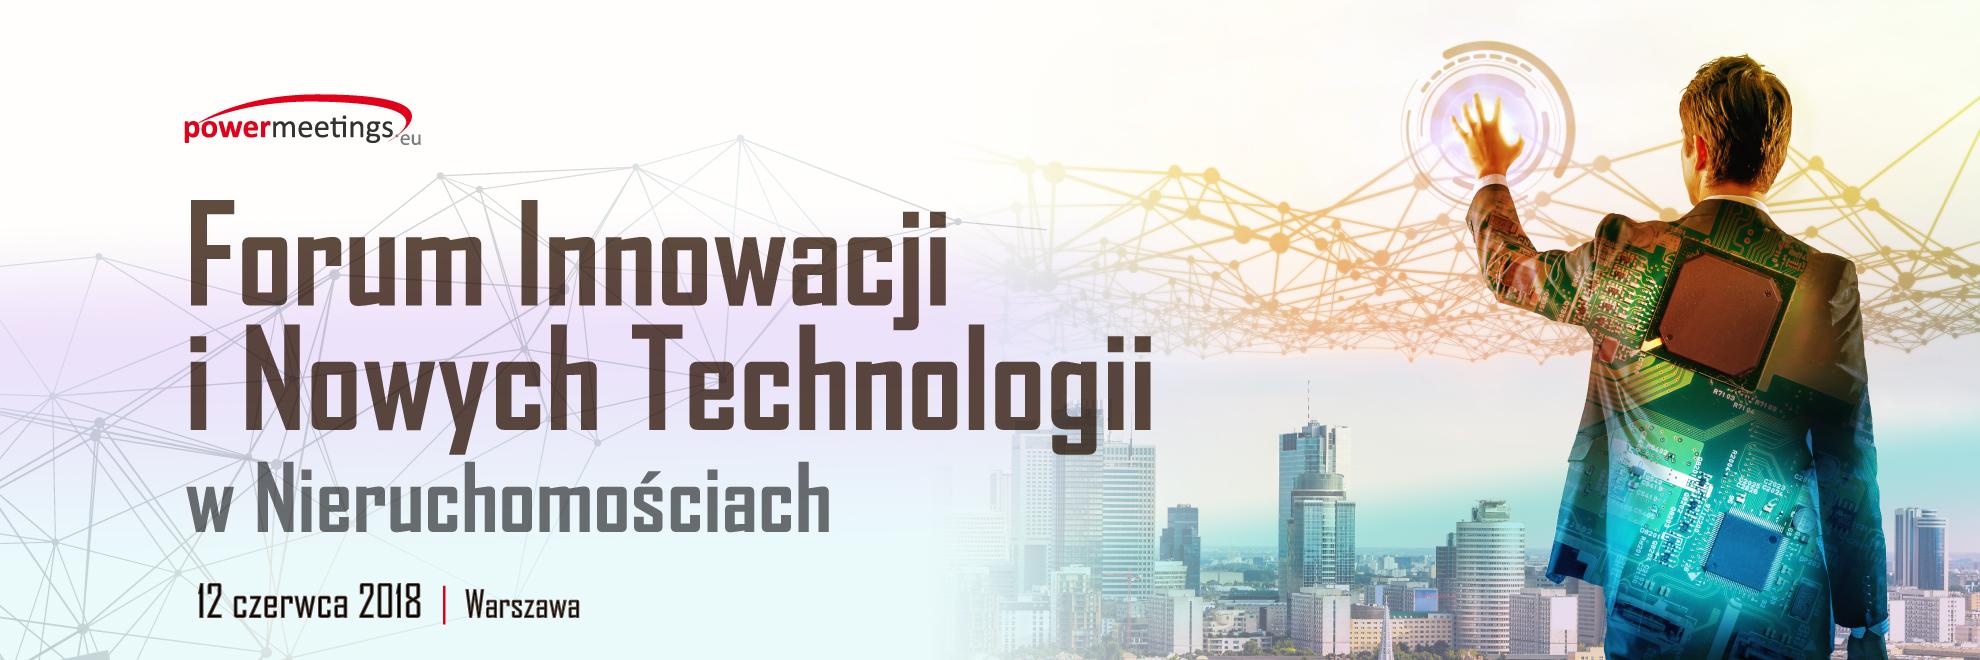 Forum Innowacji i Nowych Technologii w Nieruchomościach które odbędzie się już 12 czerwca.